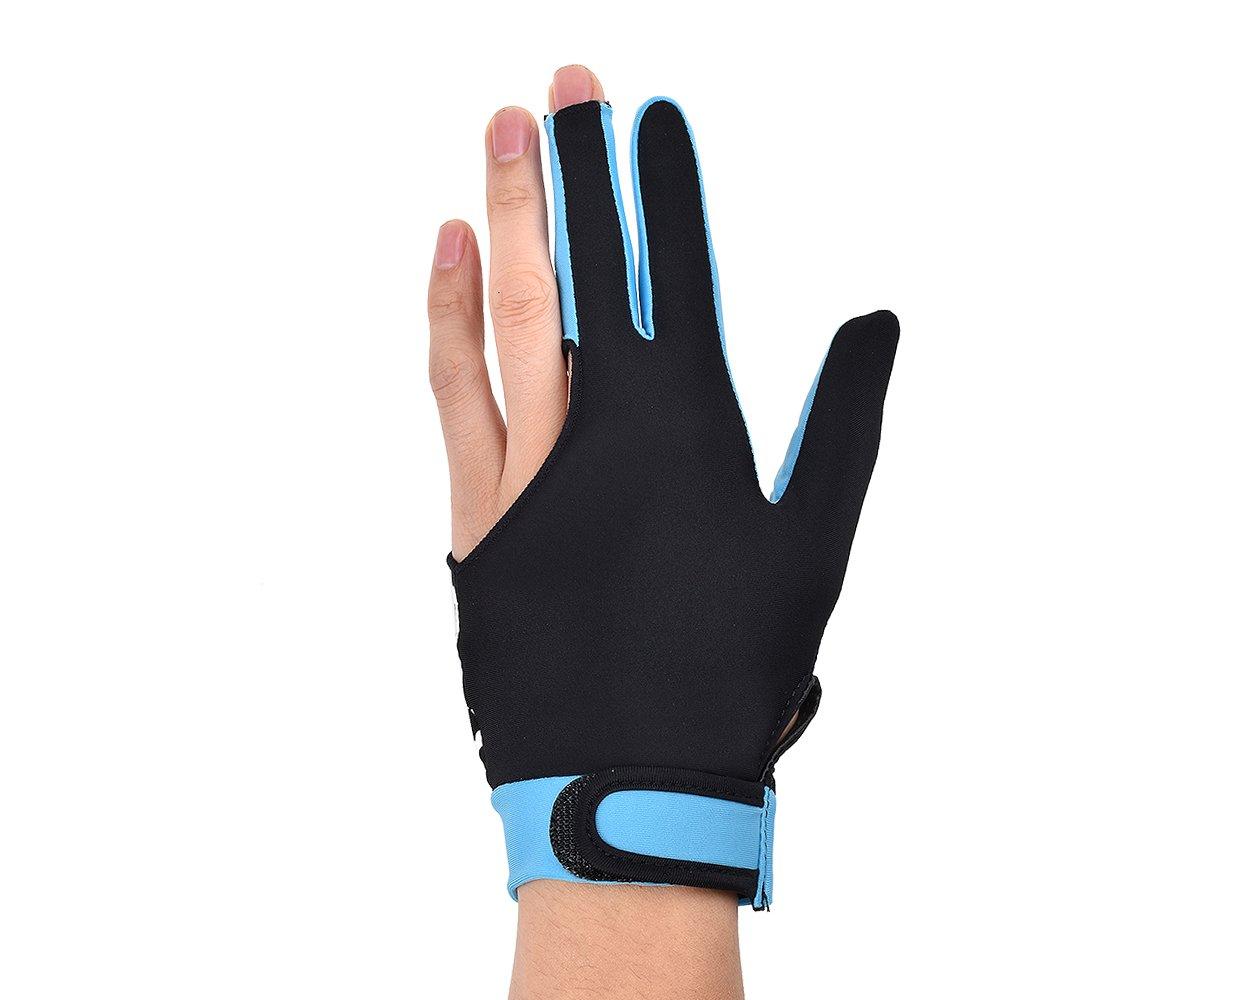 DSstyles 1 pieza de lycra elástica 3 dedos de piscina y billar Snooker guante (talla M) - Cielo azul